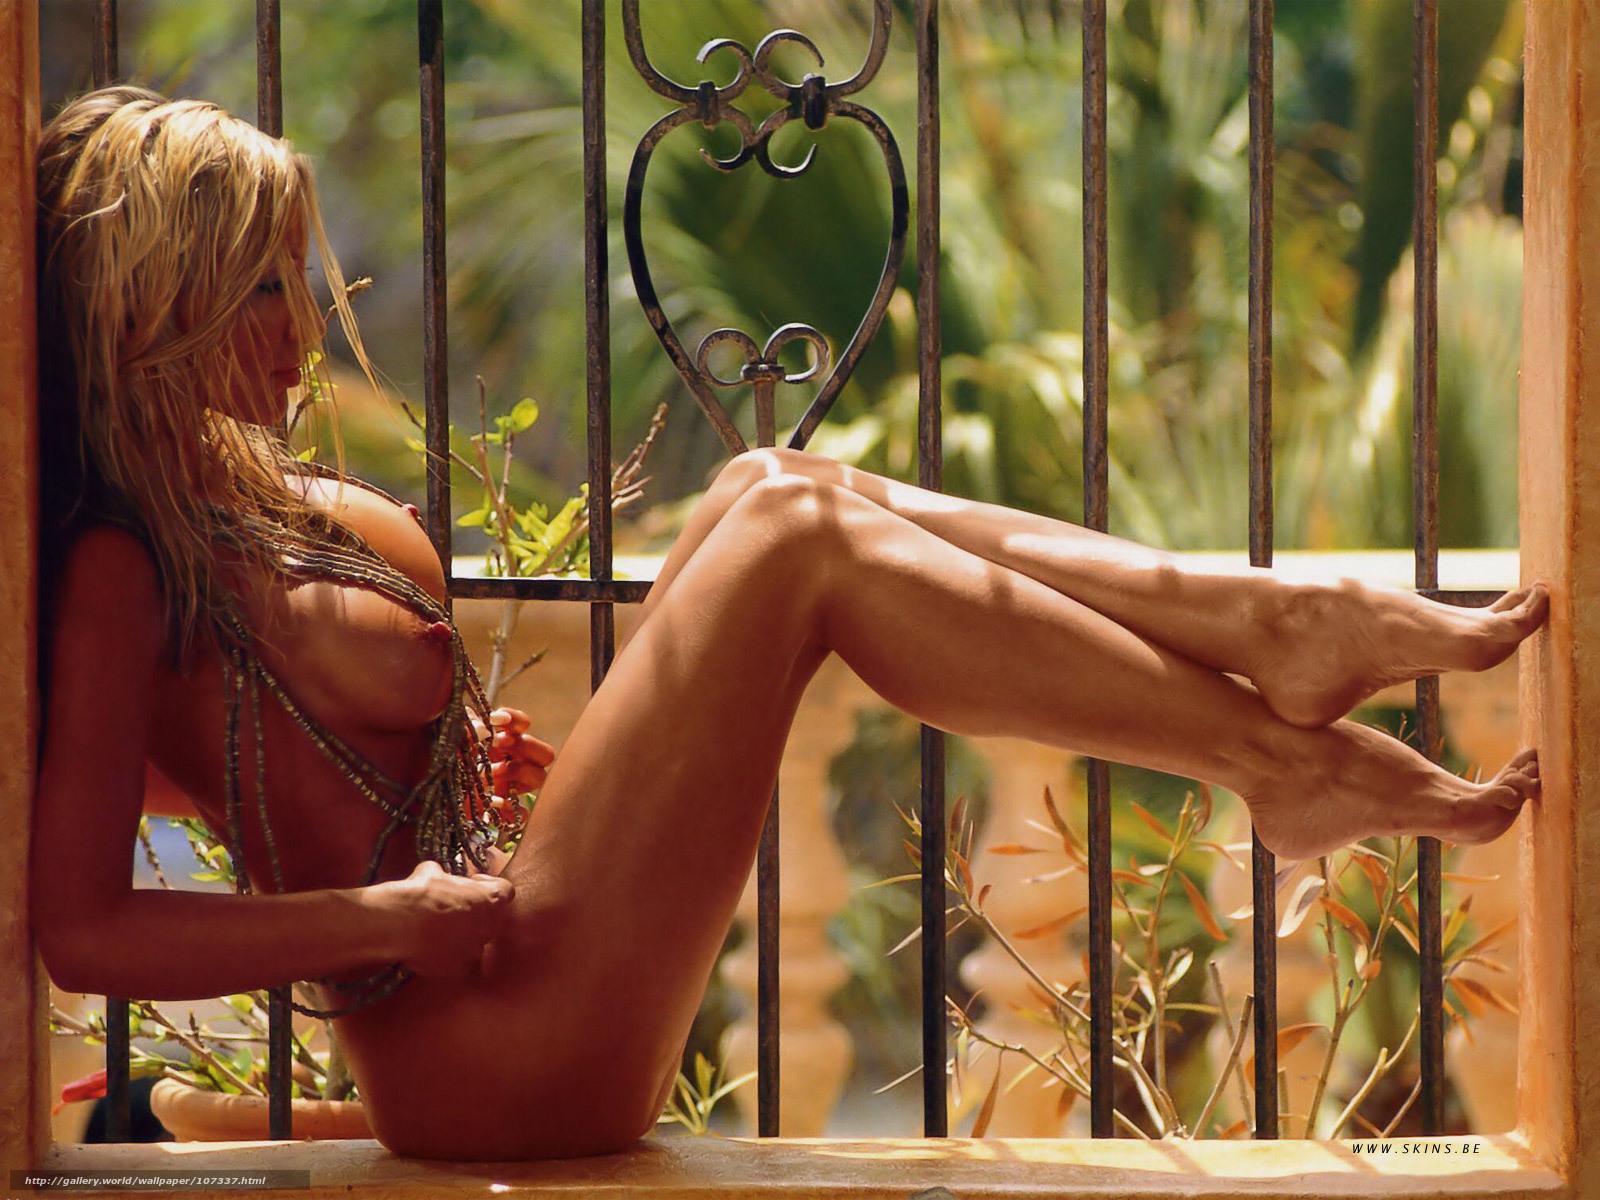 Секс кекс эротические фото 3 фотография